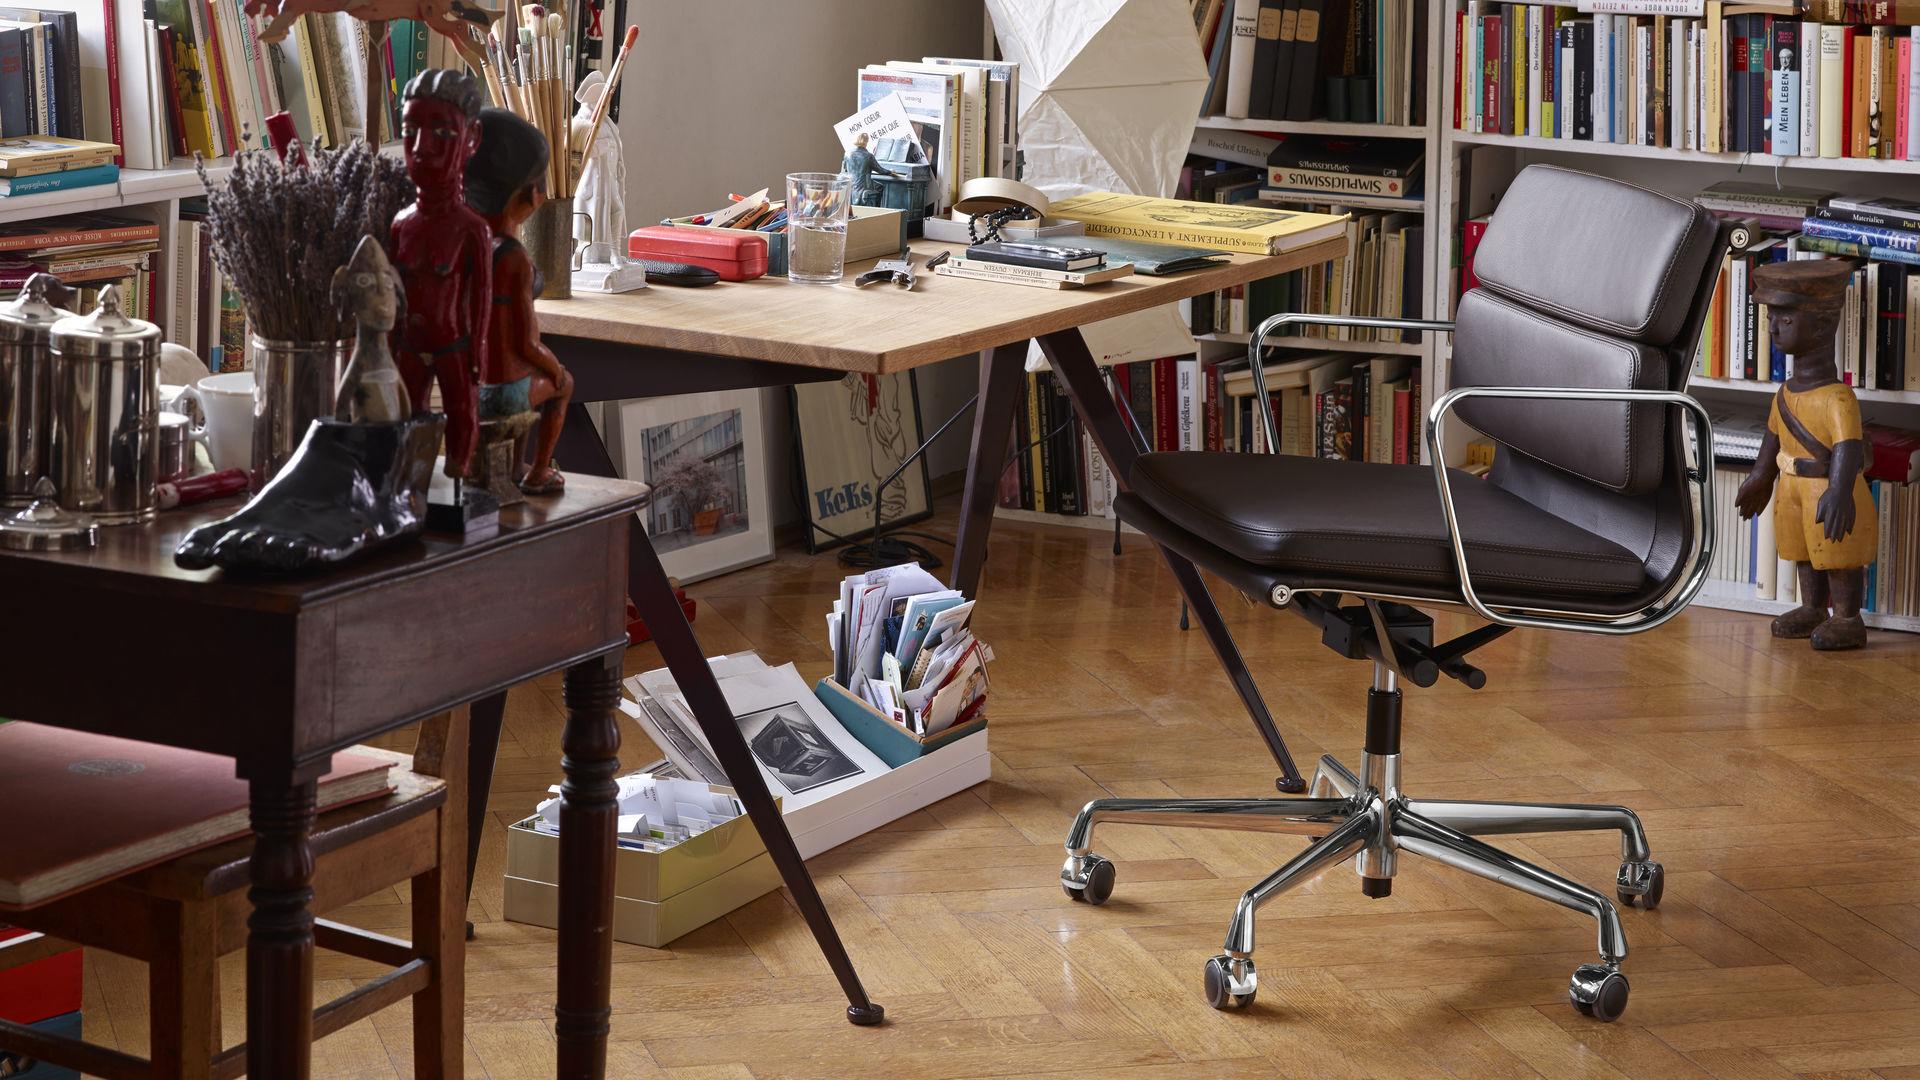 Pad VitraSoft Chairs Ea Ea Pad VitraSoft 217219 Chairs qVzGSUMp